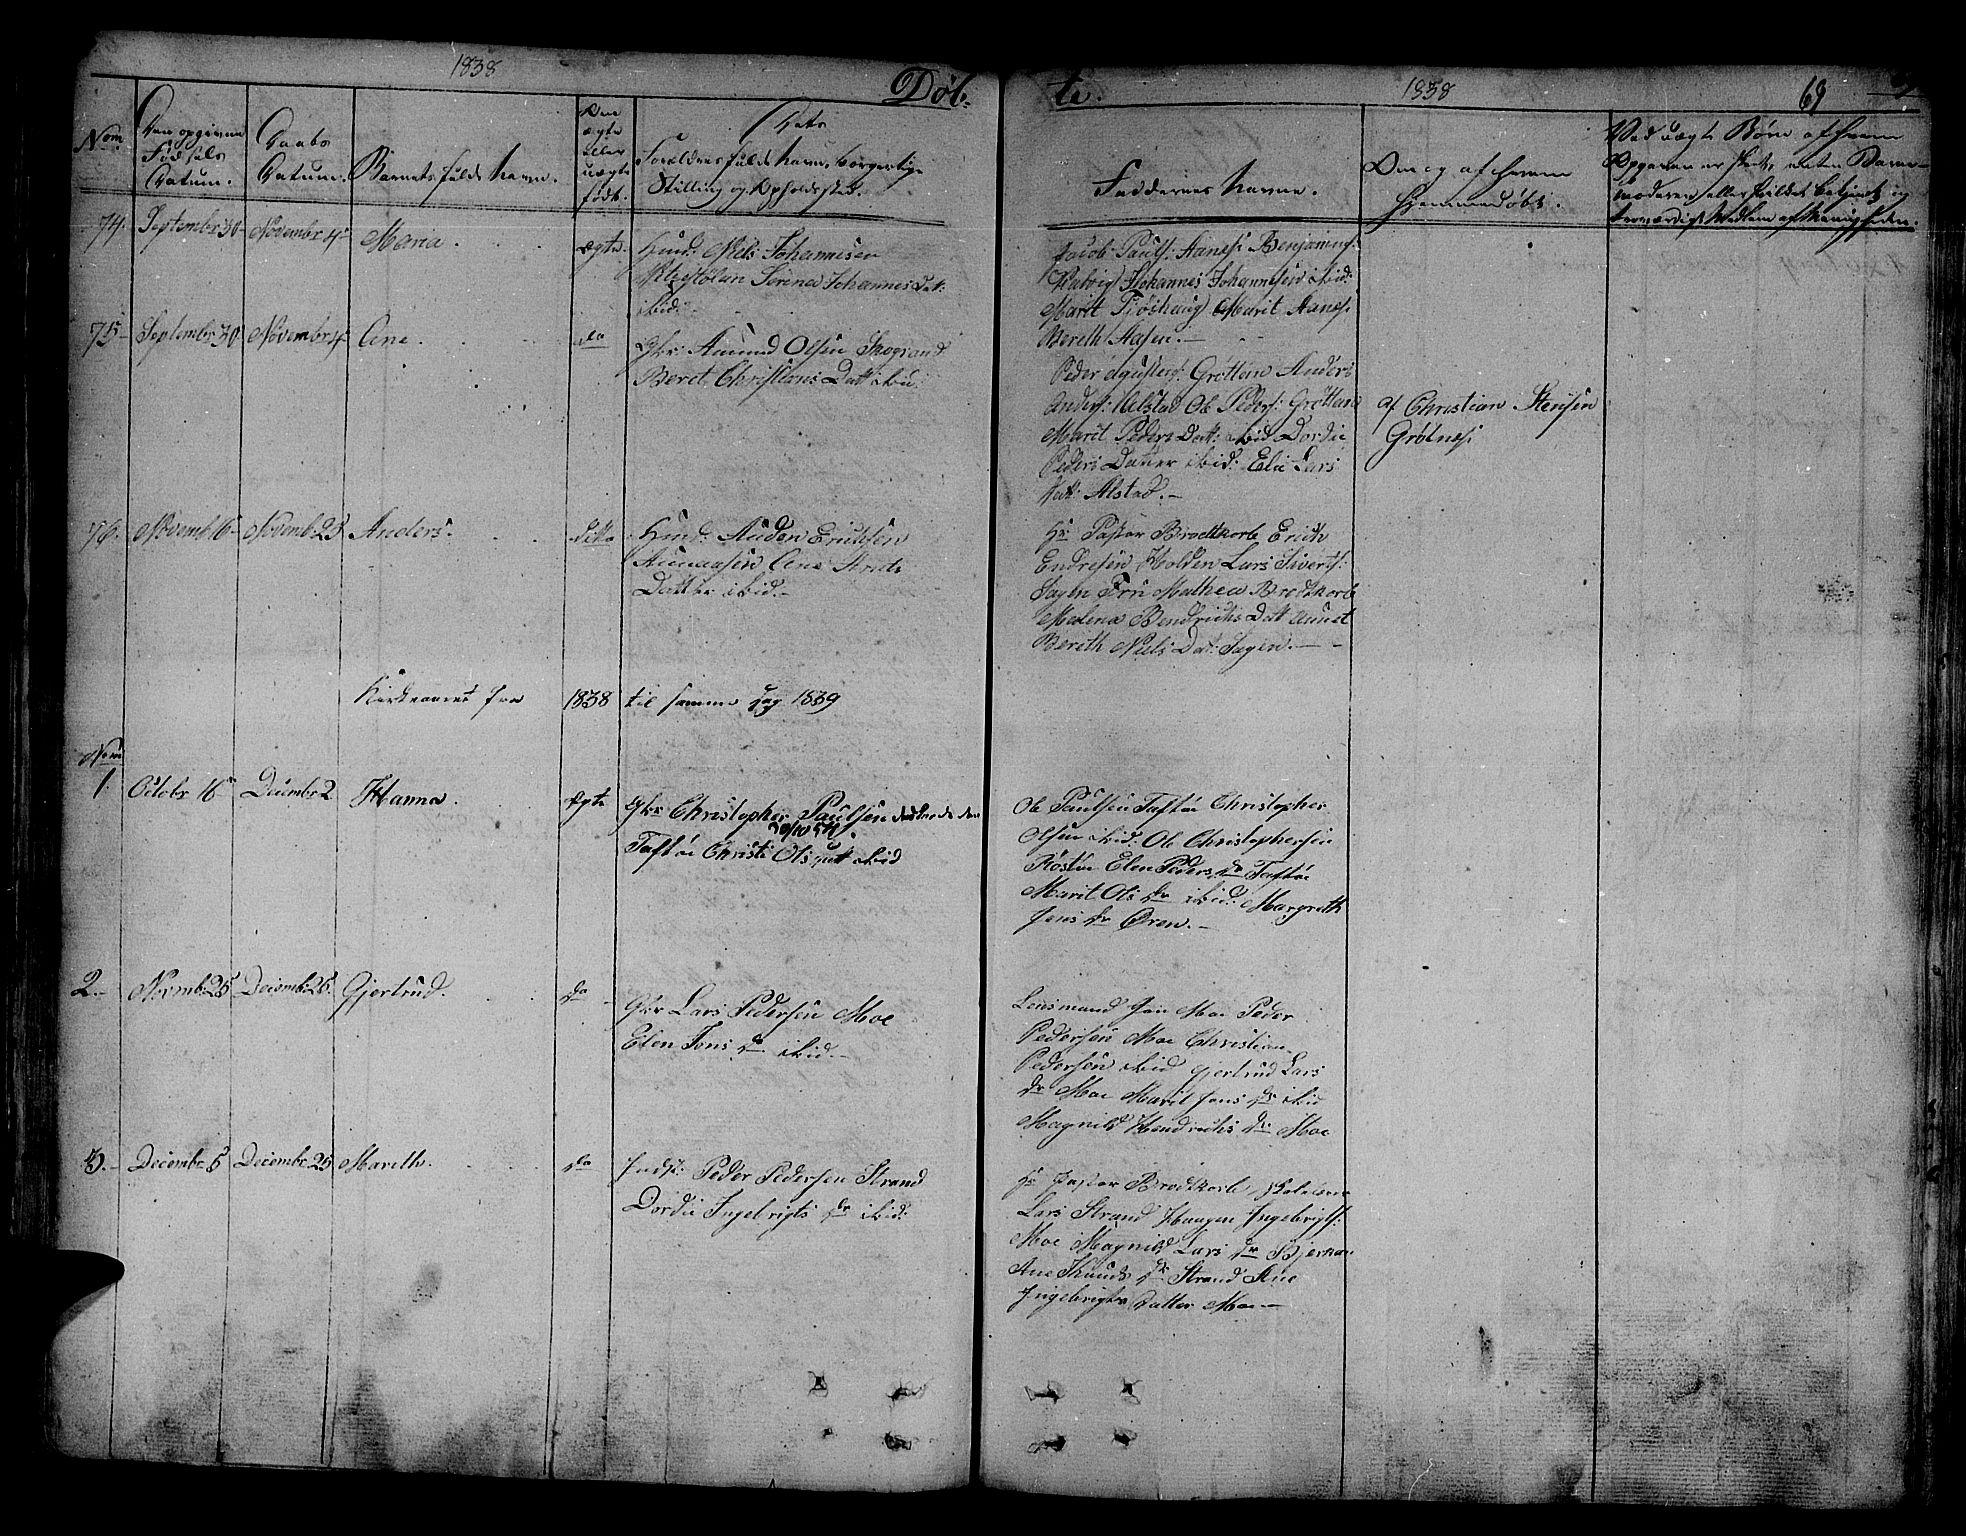 SAT, Ministerialprotokoller, klokkerbøker og fødselsregistre - Sør-Trøndelag, 630/L0492: Ministerialbok nr. 630A05, 1830-1840, s. 69